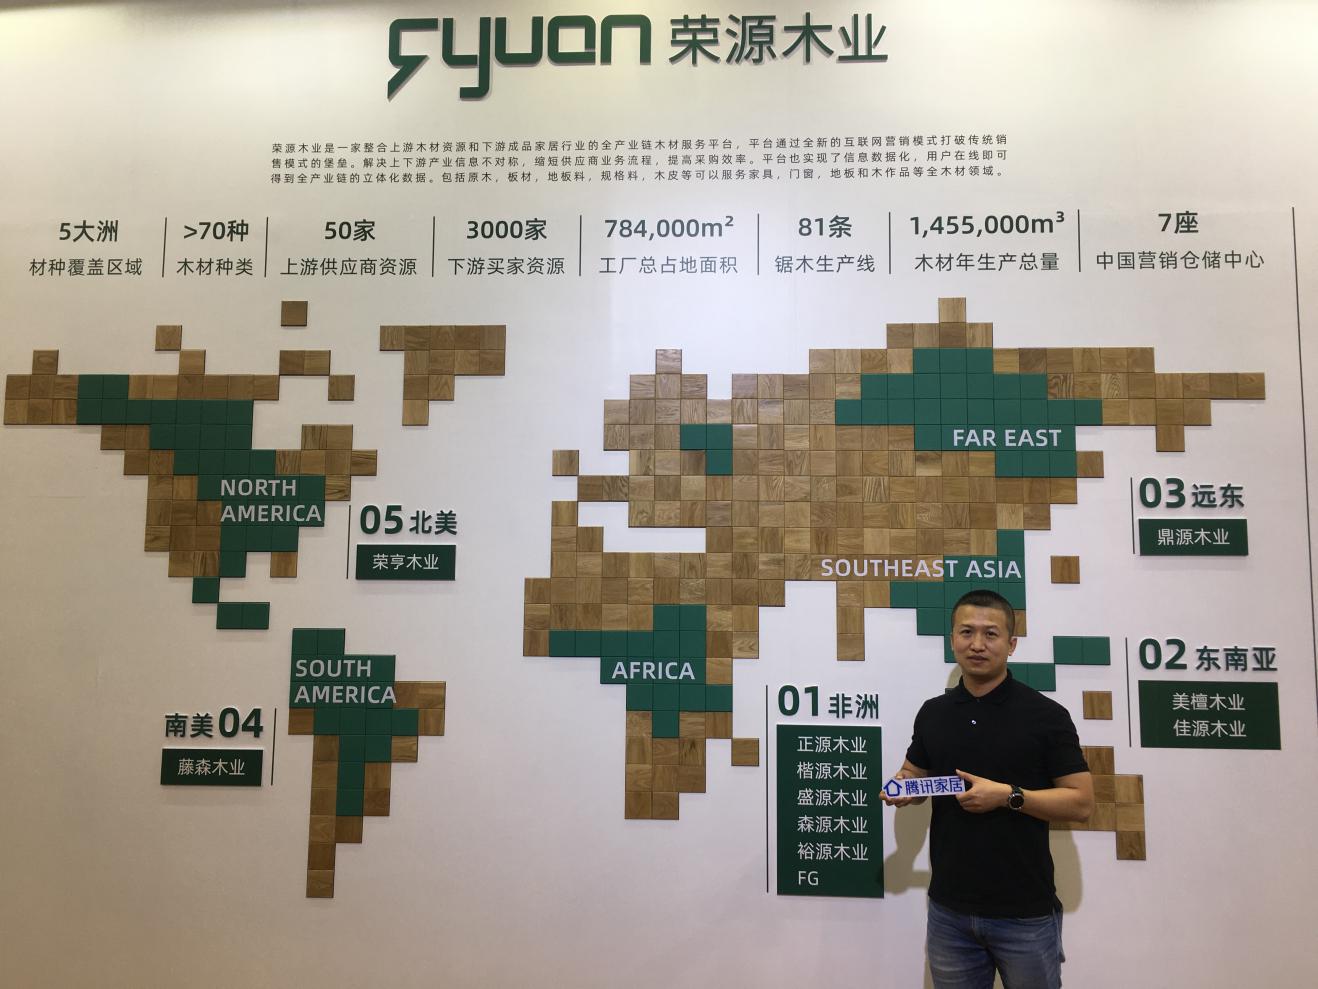 荣源木业&深圳展 | 让大自然的原木给国人带来健康